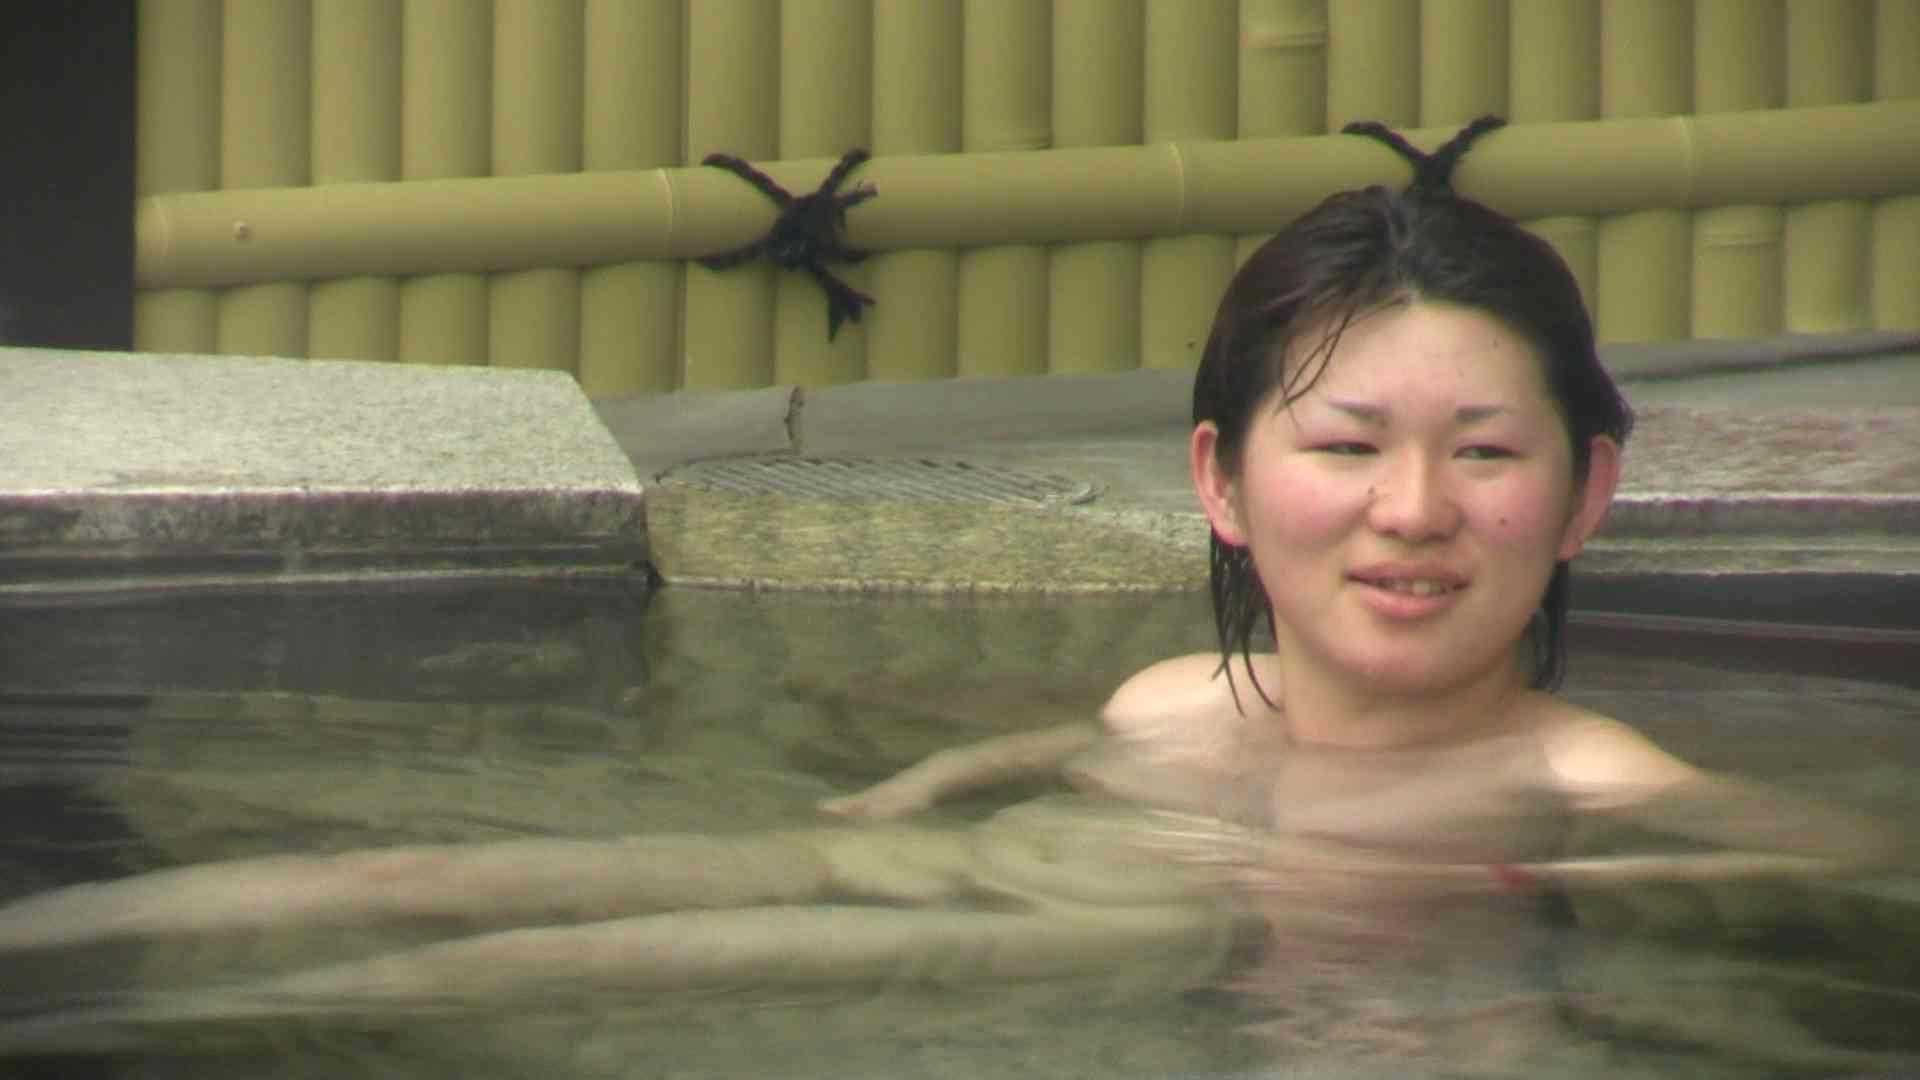 Aquaな露天風呂Vol.673 0  91pic 74